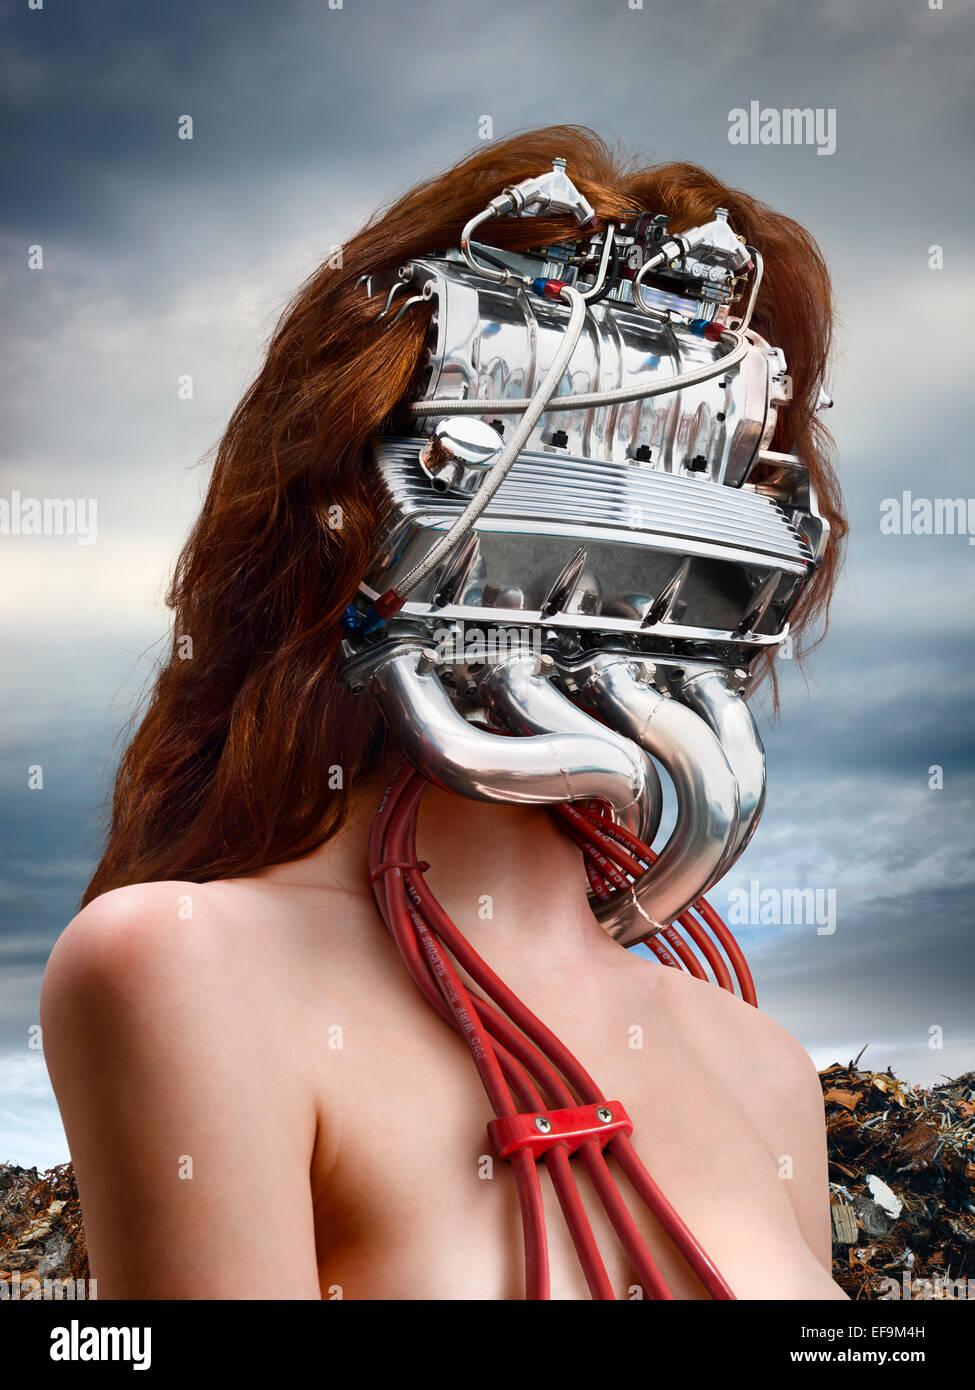 Fantasia verticale immagine di donna con un auto a motore per una testa con un junkyard dietro di lei Immagini Stock